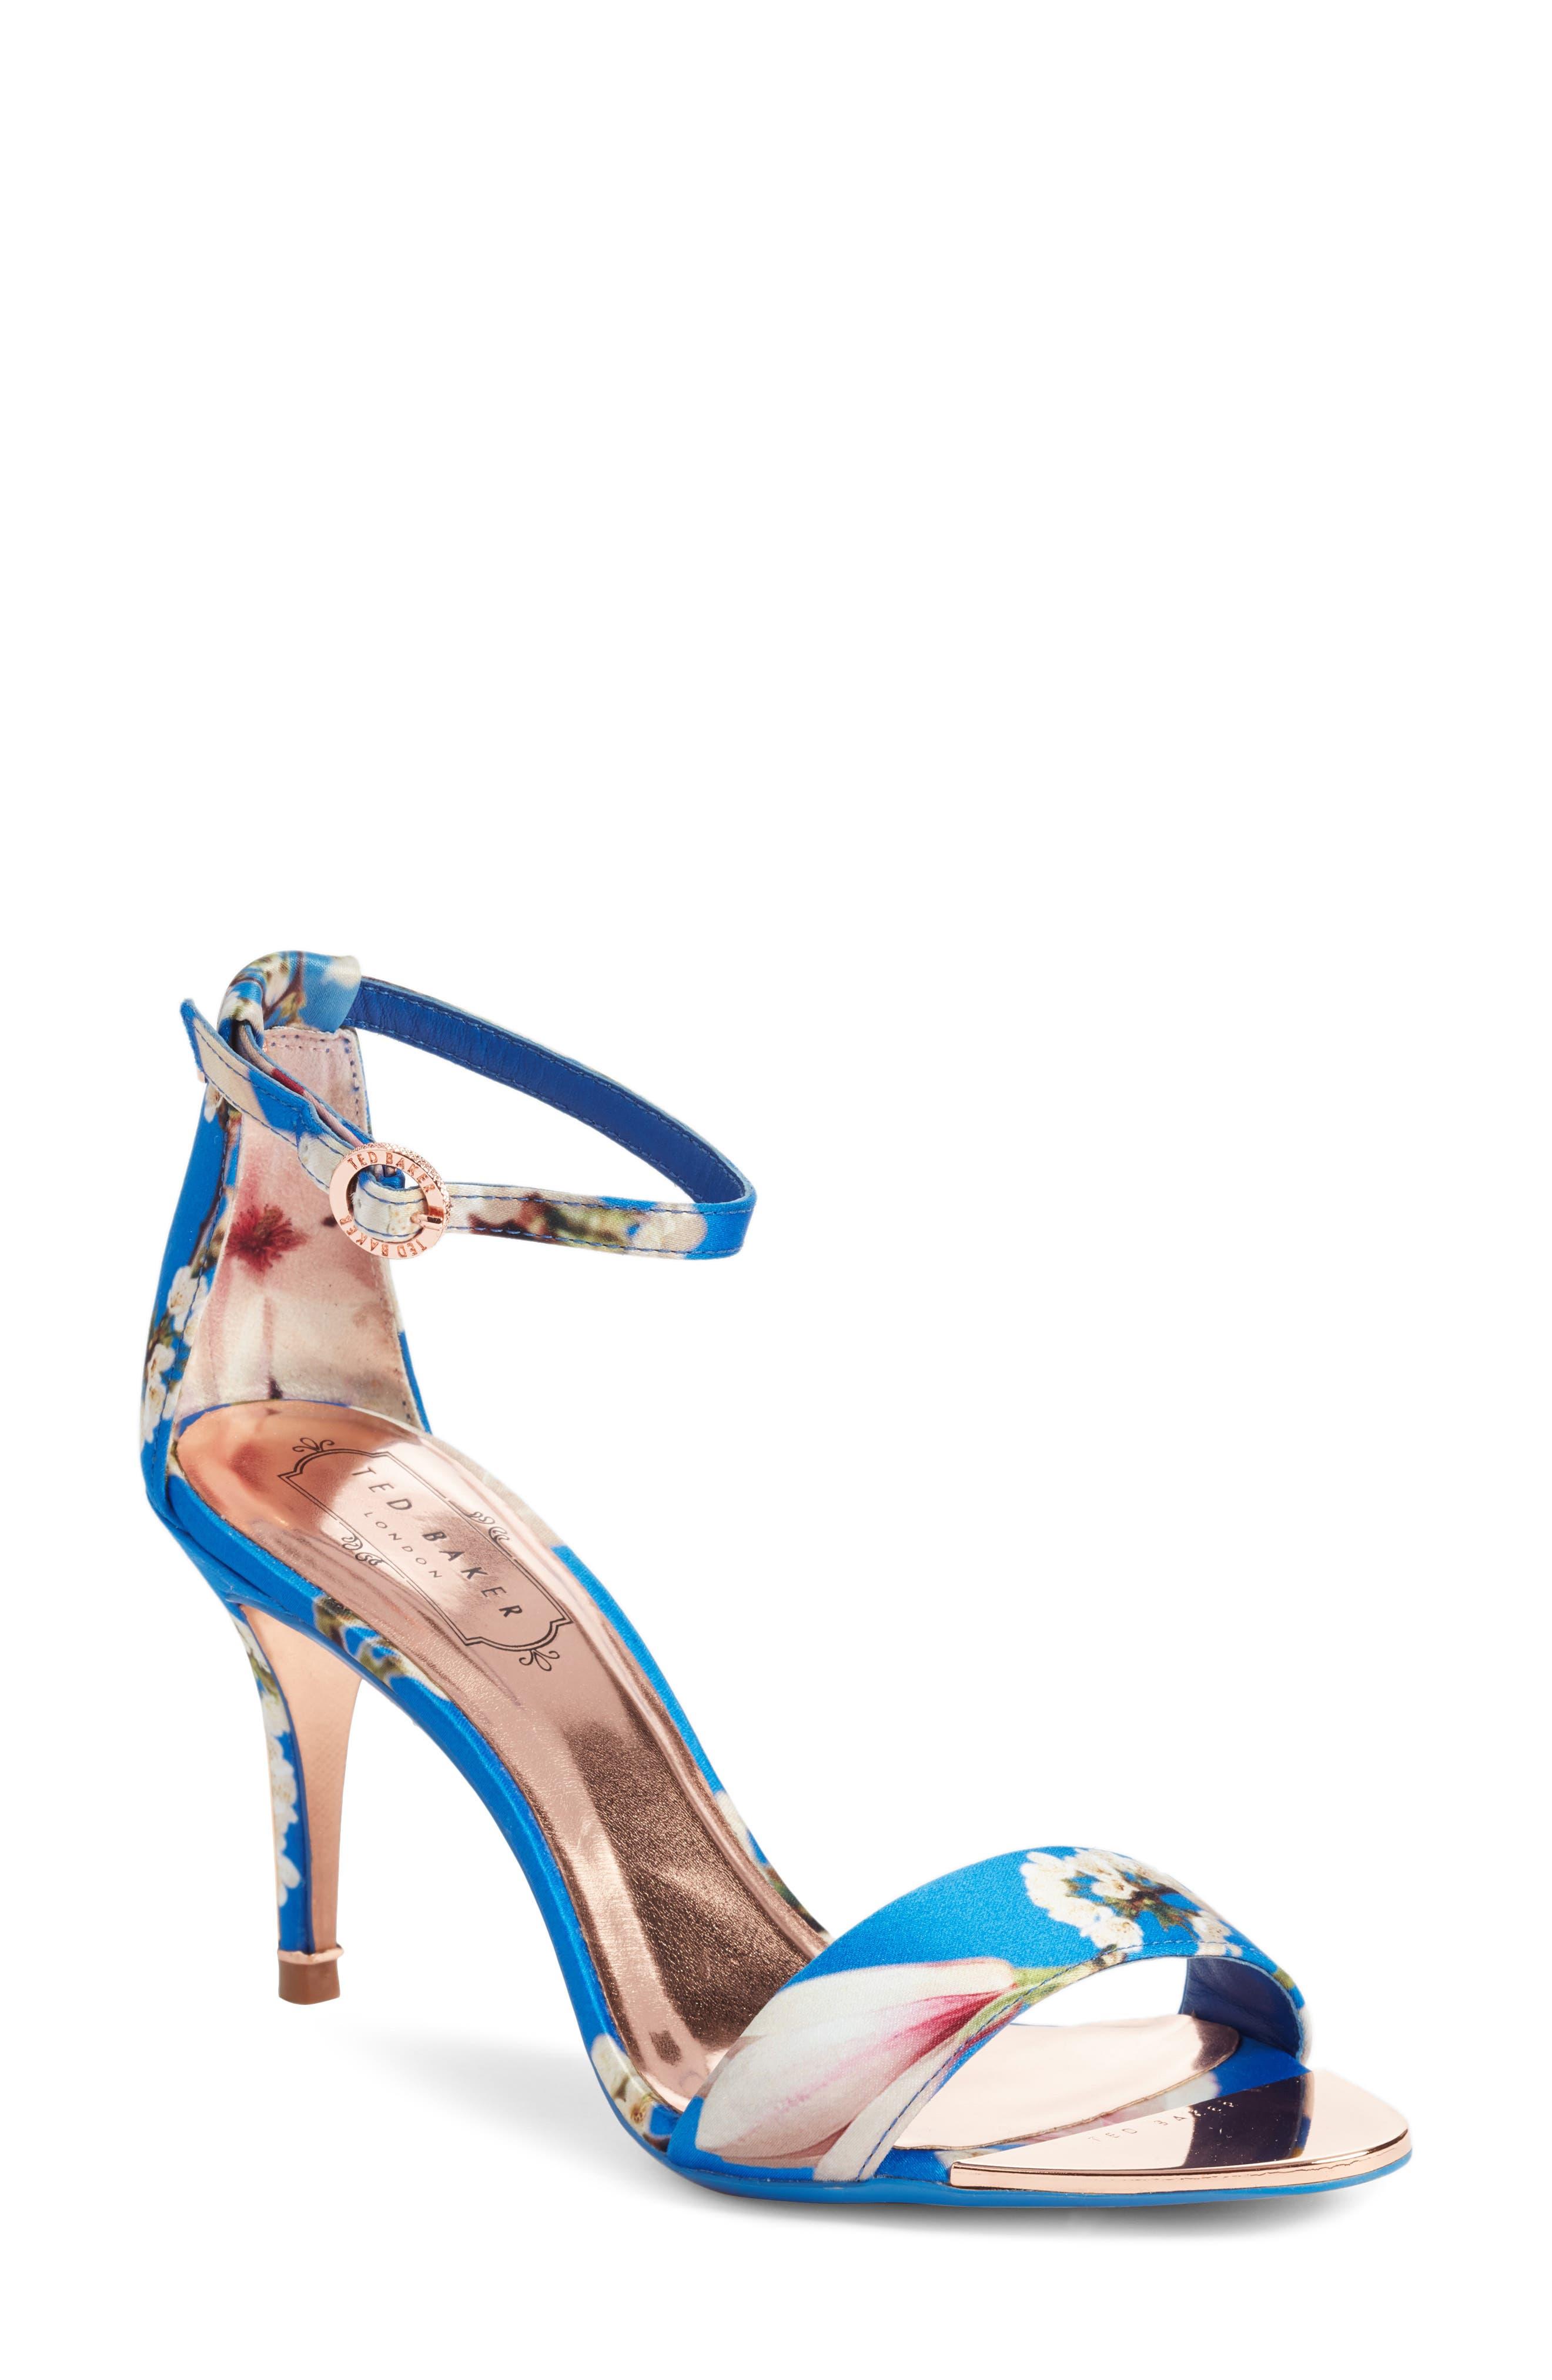 Mavbe Ankle Strap Sandal,                             Main thumbnail 1, color,                             BLUE HARMONY PRINT